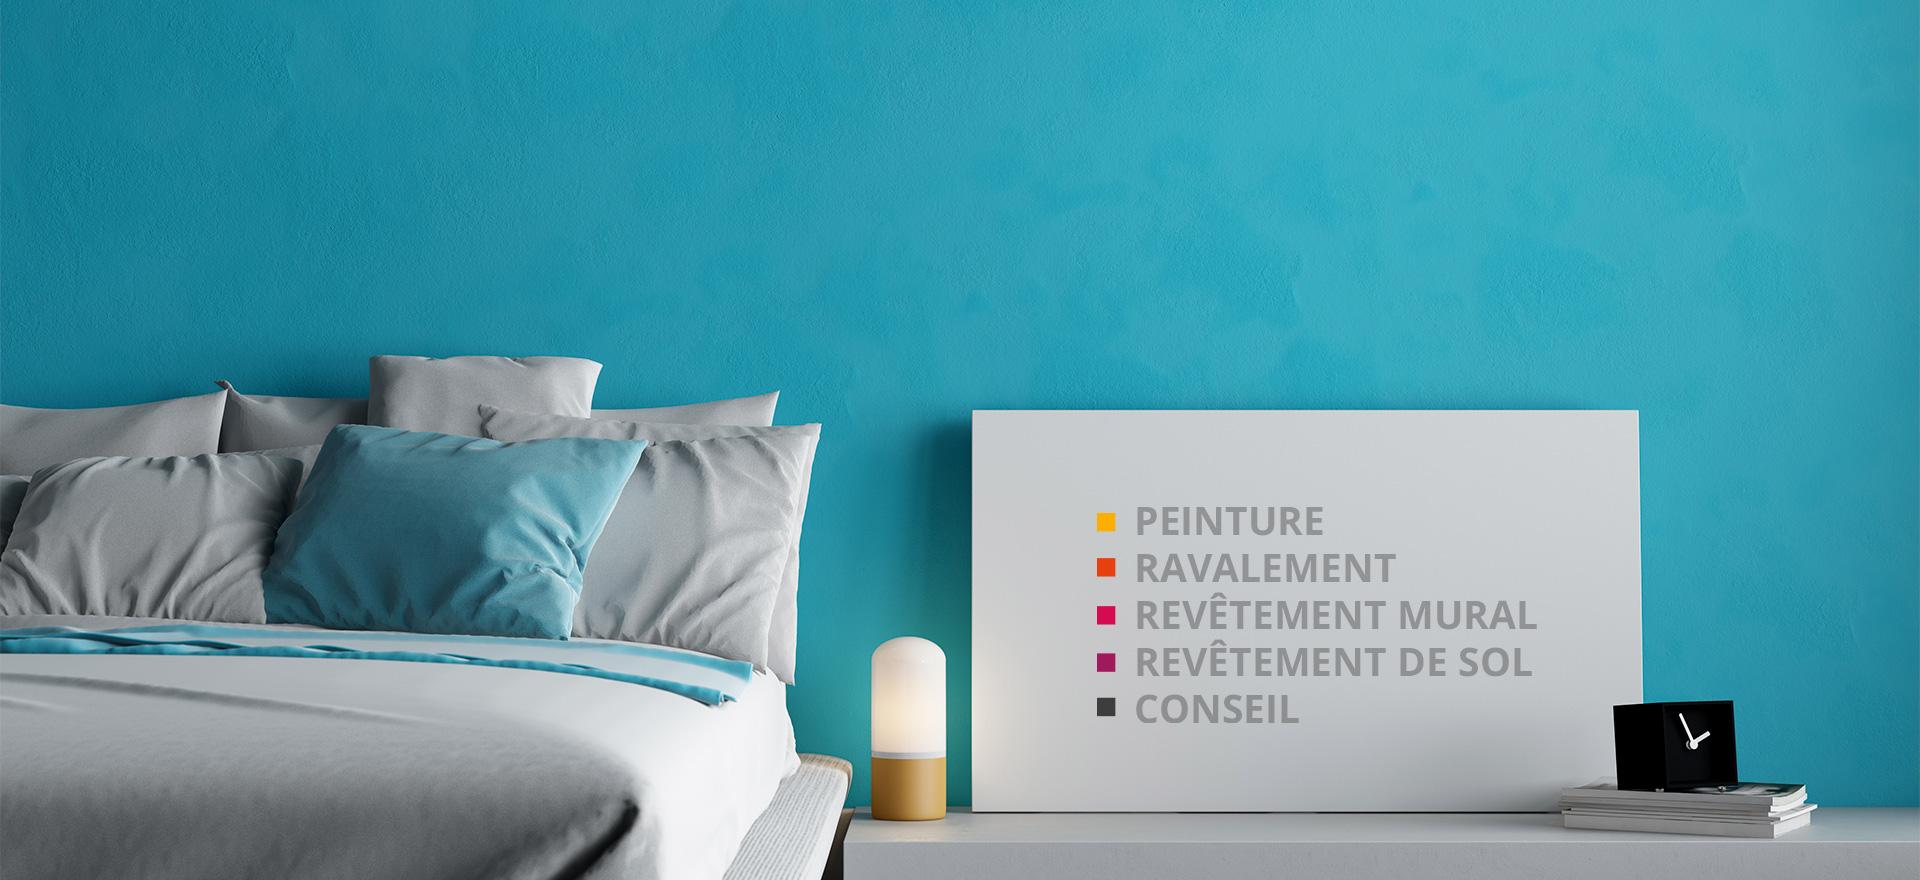 jg peinture sp cialiste de la peinture du ravalement et conseils en d coration vannes et redon. Black Bedroom Furniture Sets. Home Design Ideas